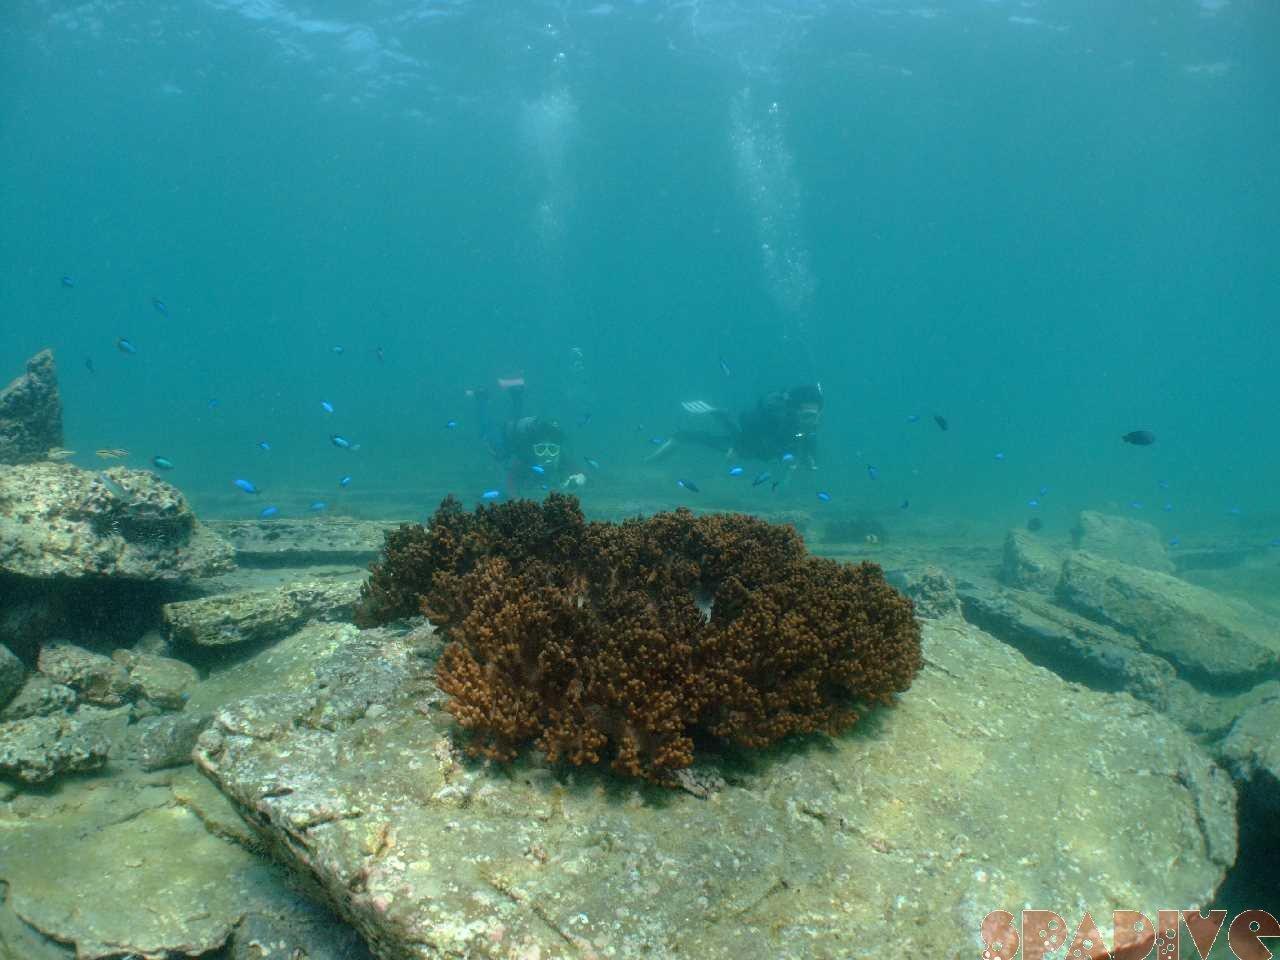 2009年9月撮影海フォトギャラリー|南紀白浜スパダイブ